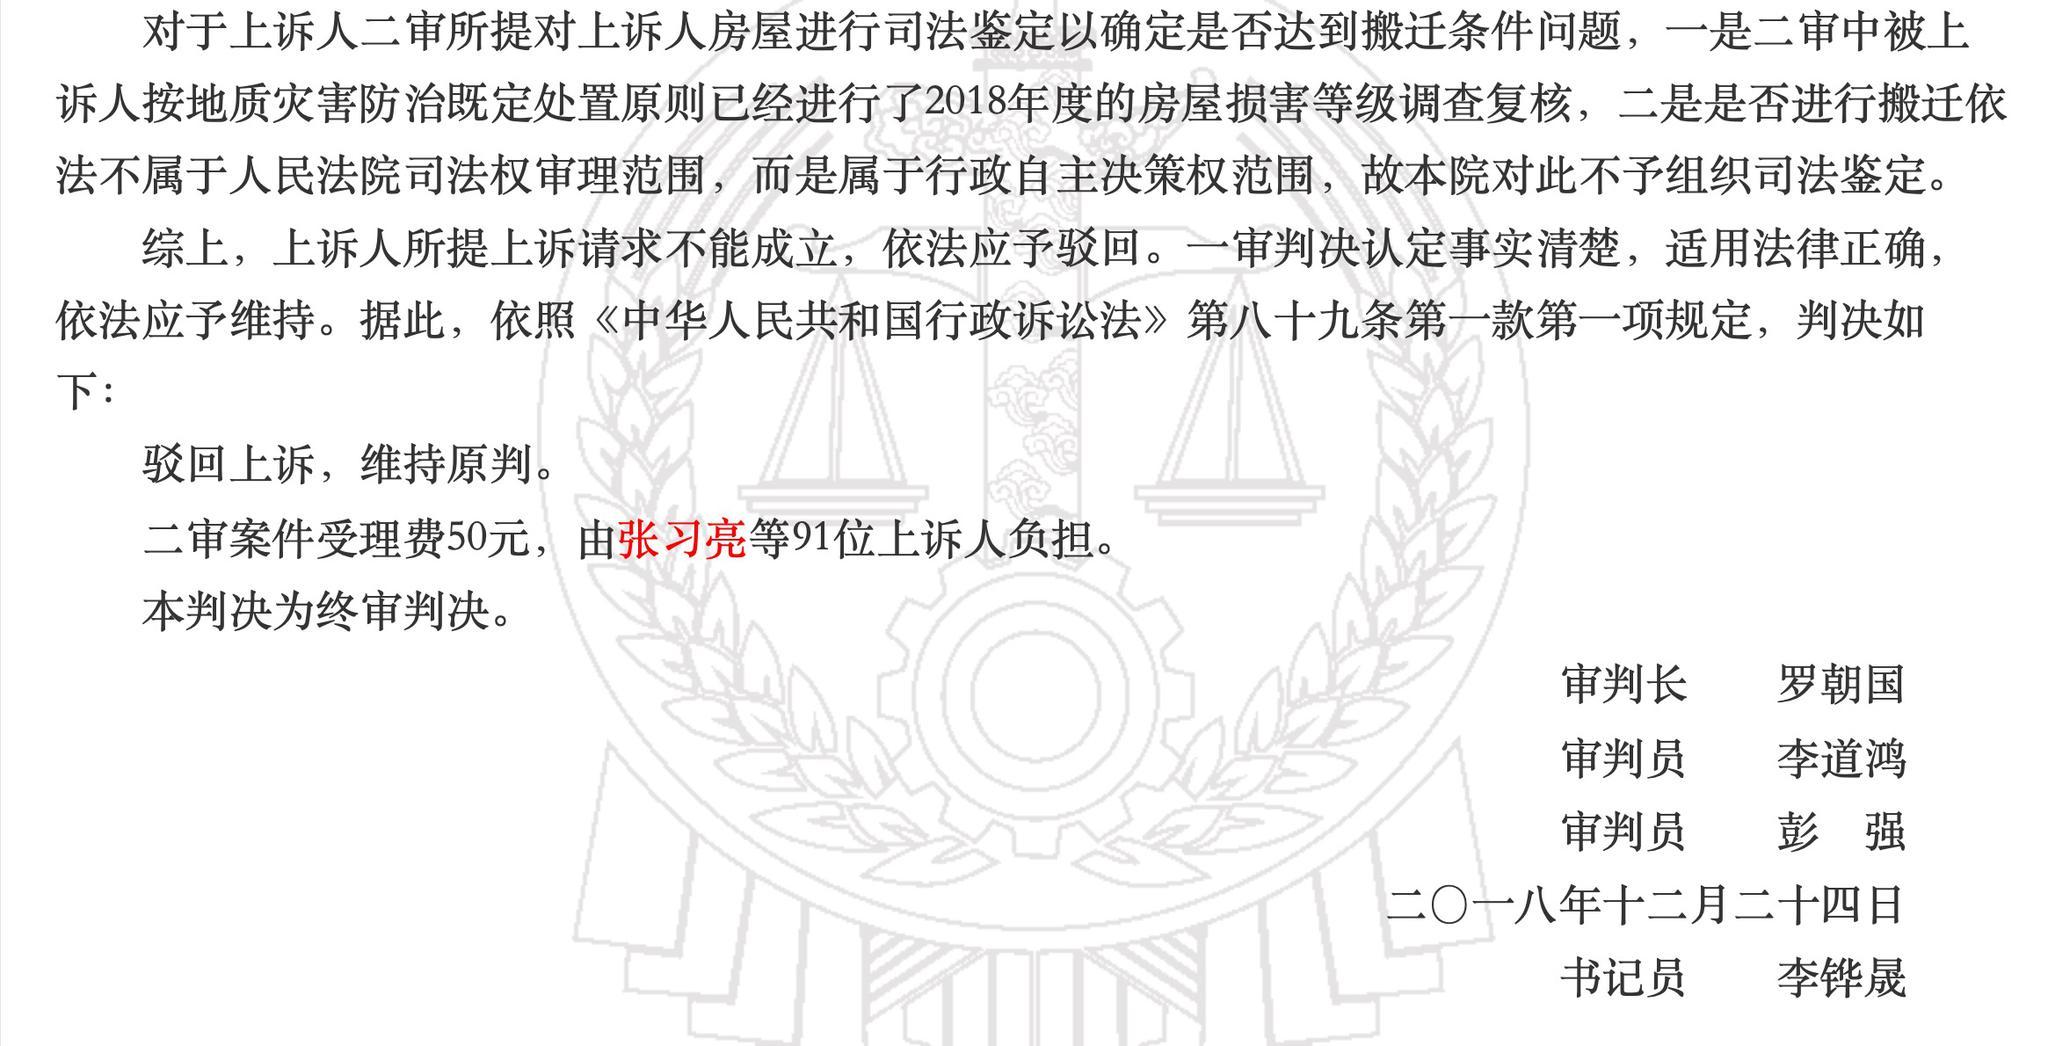 煤矿开采至房屋受损,贵州91位村民诉县政府、矿业公司再审胜诉